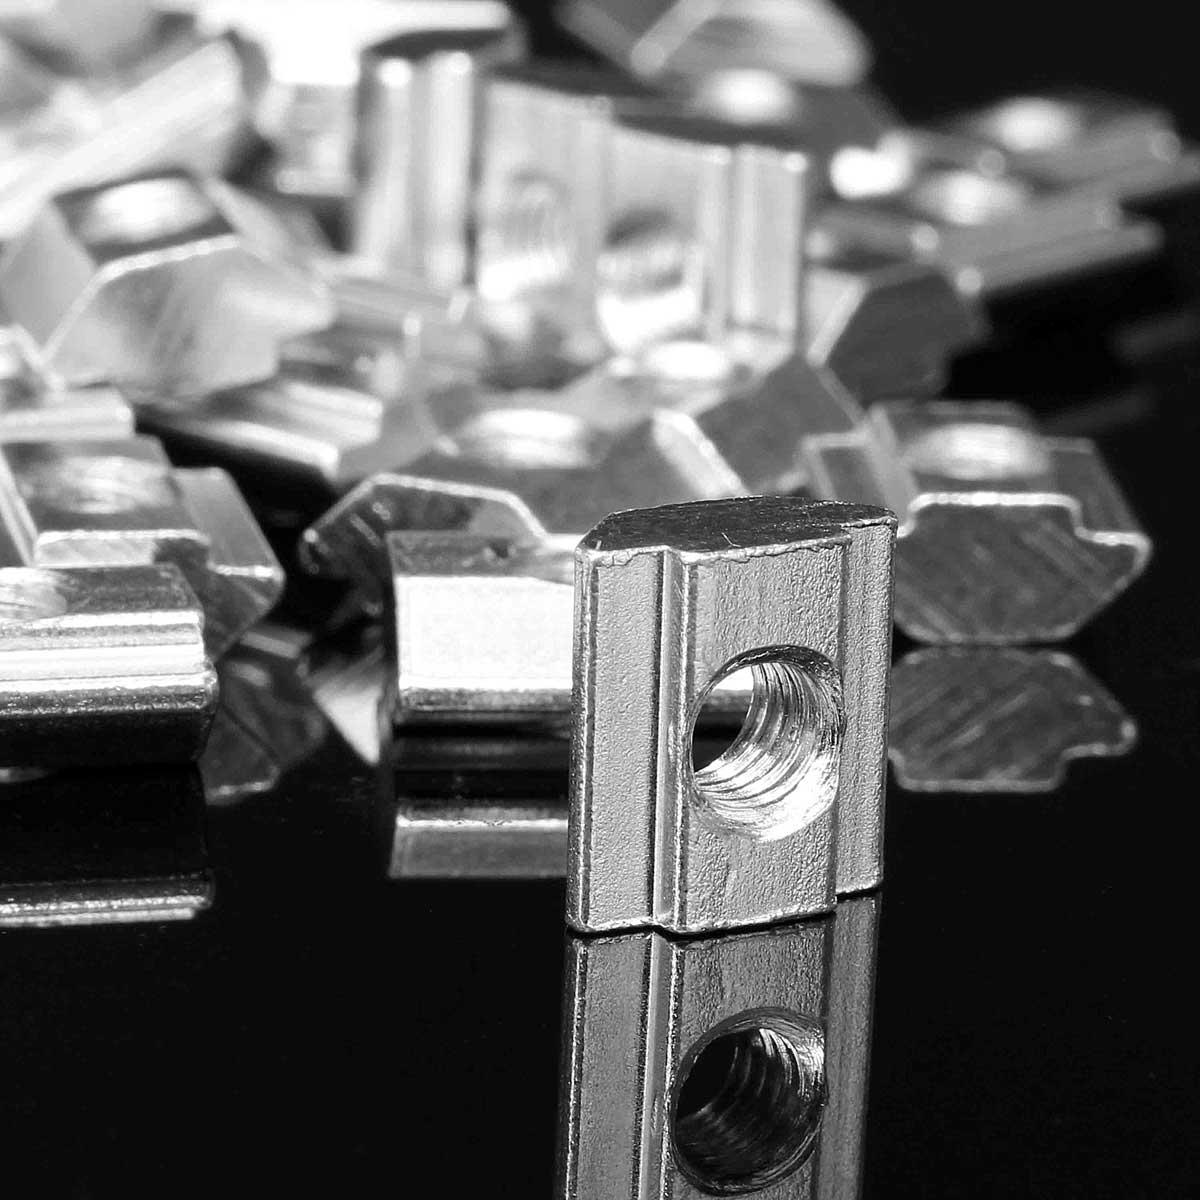 Drillpro 50pcs M5 T Sliding Nut Zinc Plated Carbon Steel T Sliding Nut for 2020 Aluminum Profile